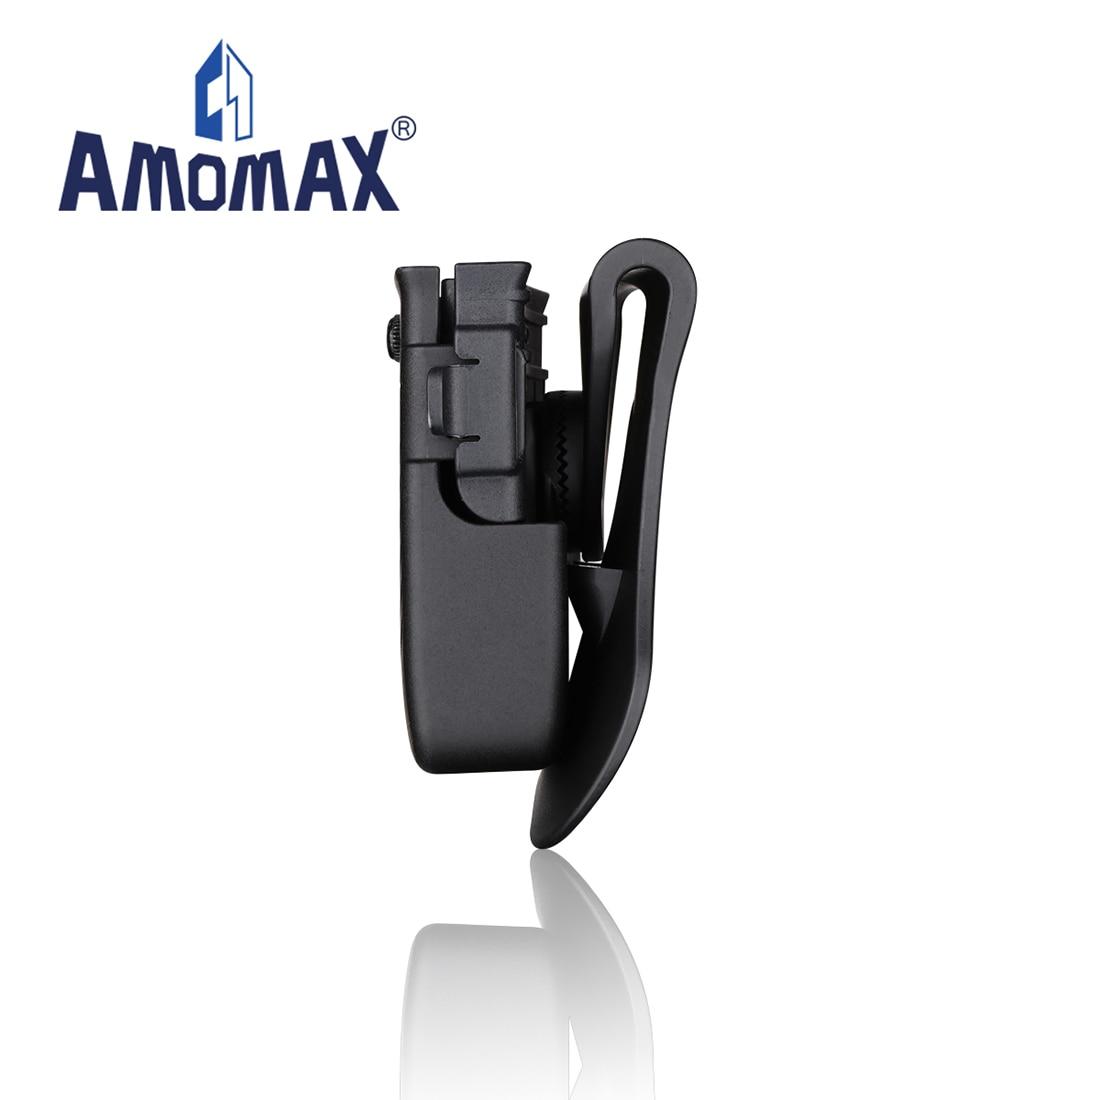 Amomax bolsa tática dupla para revista de